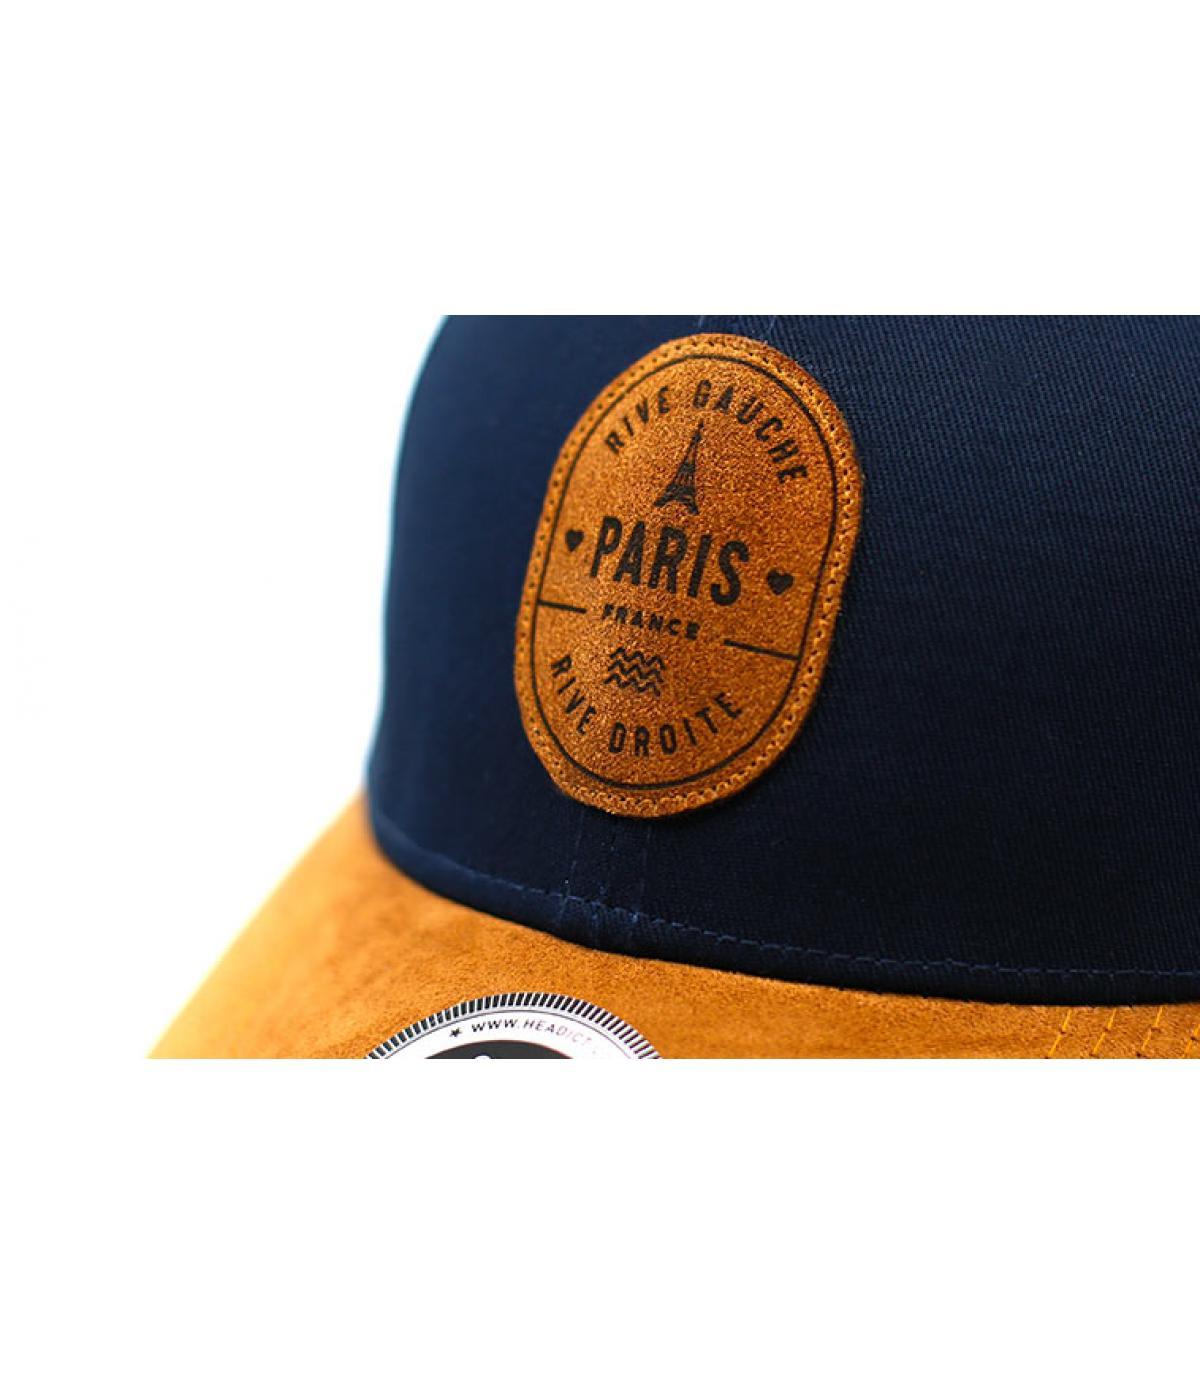 Détails Curve Paris - image 3